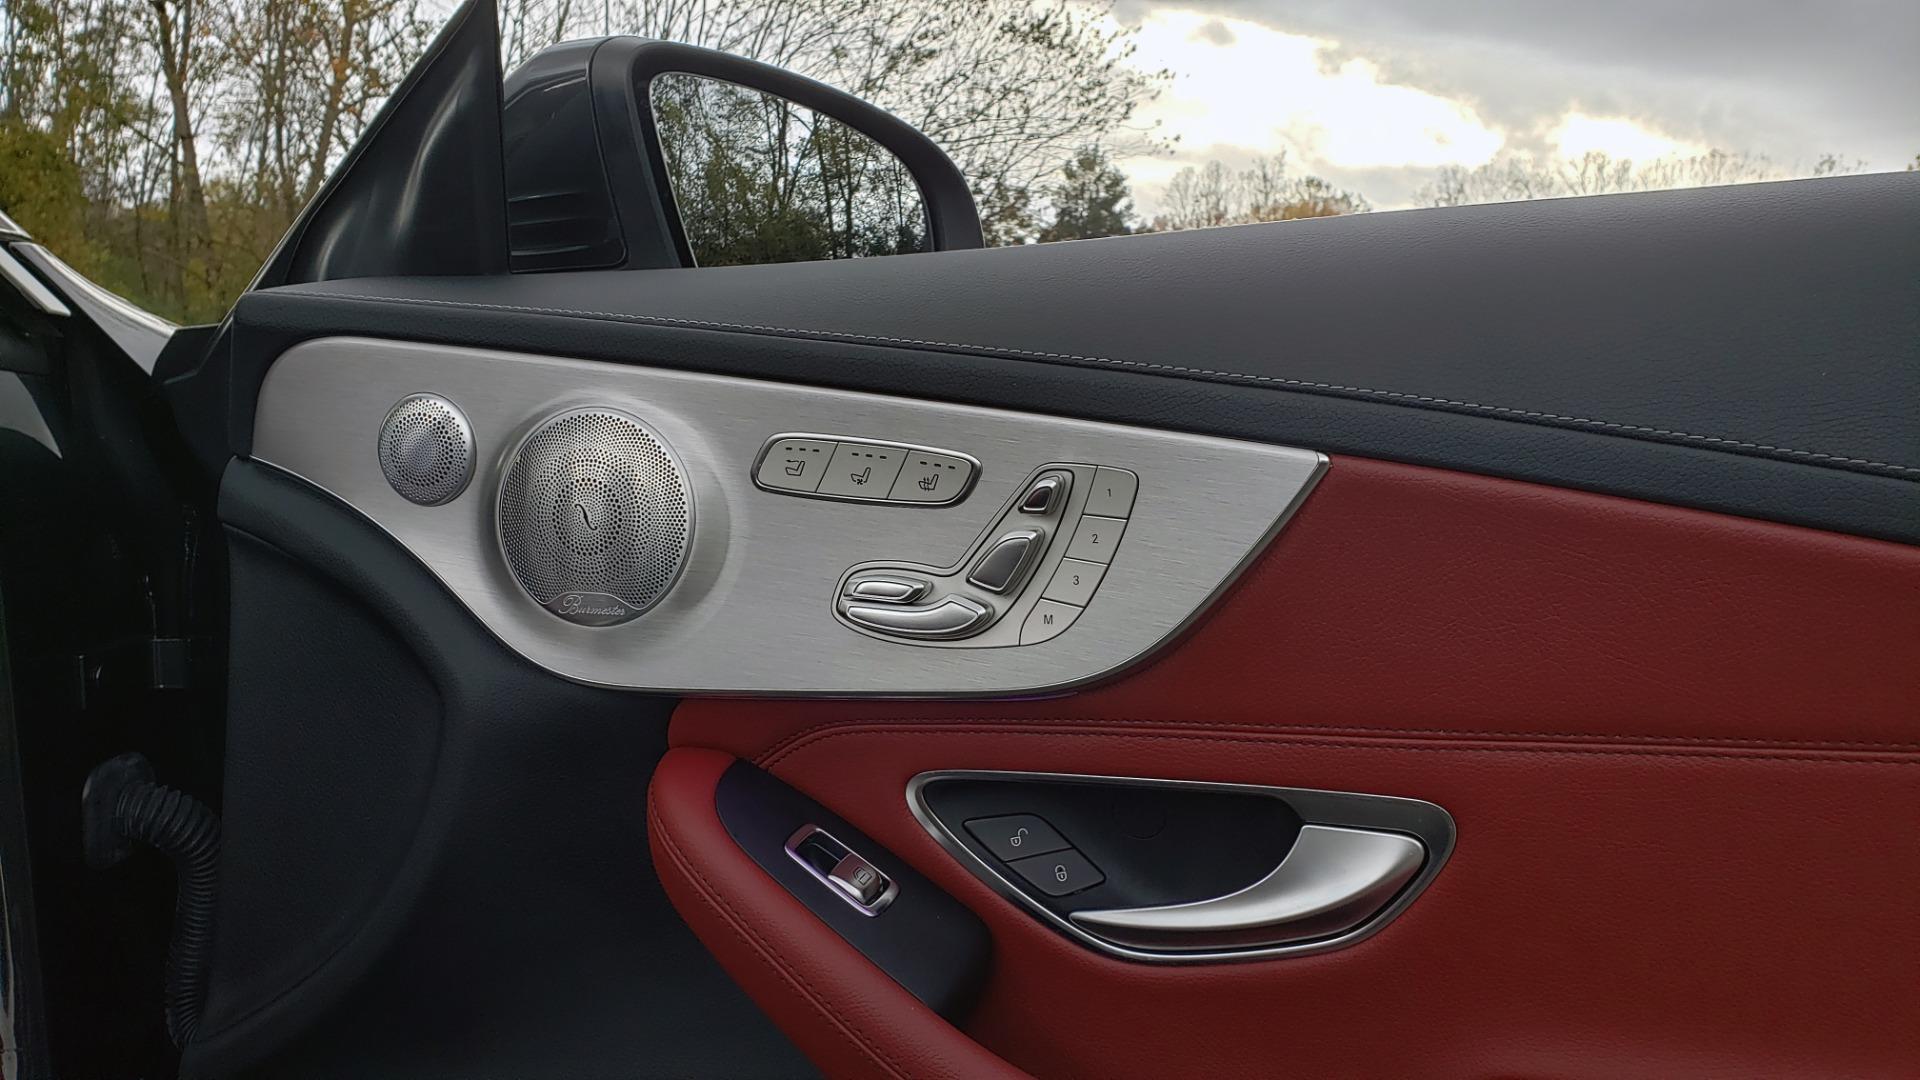 Used 2019 Mercedes-Benz C-CLASS C 300 CABRIOLET / PREM PKG / NAV / BURMESTER / MULTIMEDIA for sale Sold at Formula Imports in Charlotte NC 28227 77